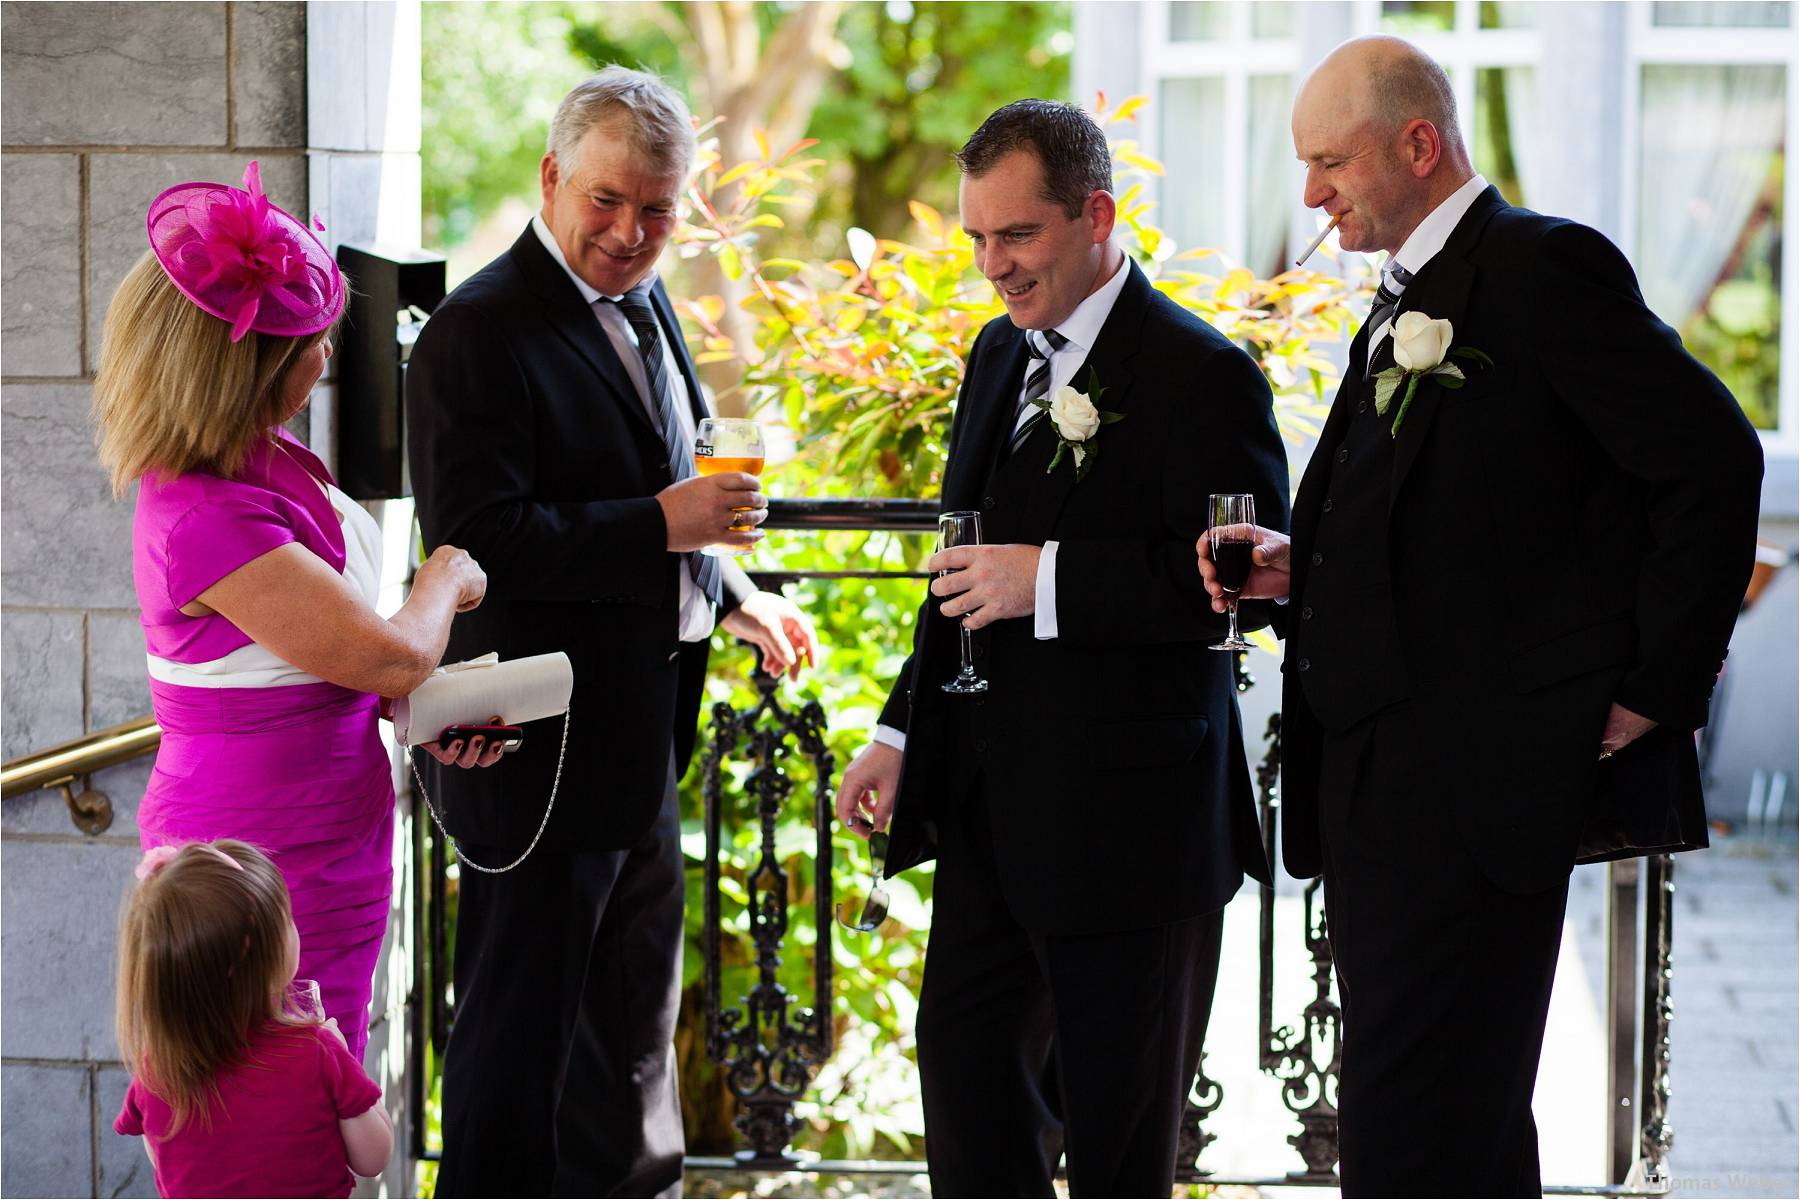 Hochzeitsfotograf Adare (Irland): Irische Hochzeit auf der grünen Insel (5)